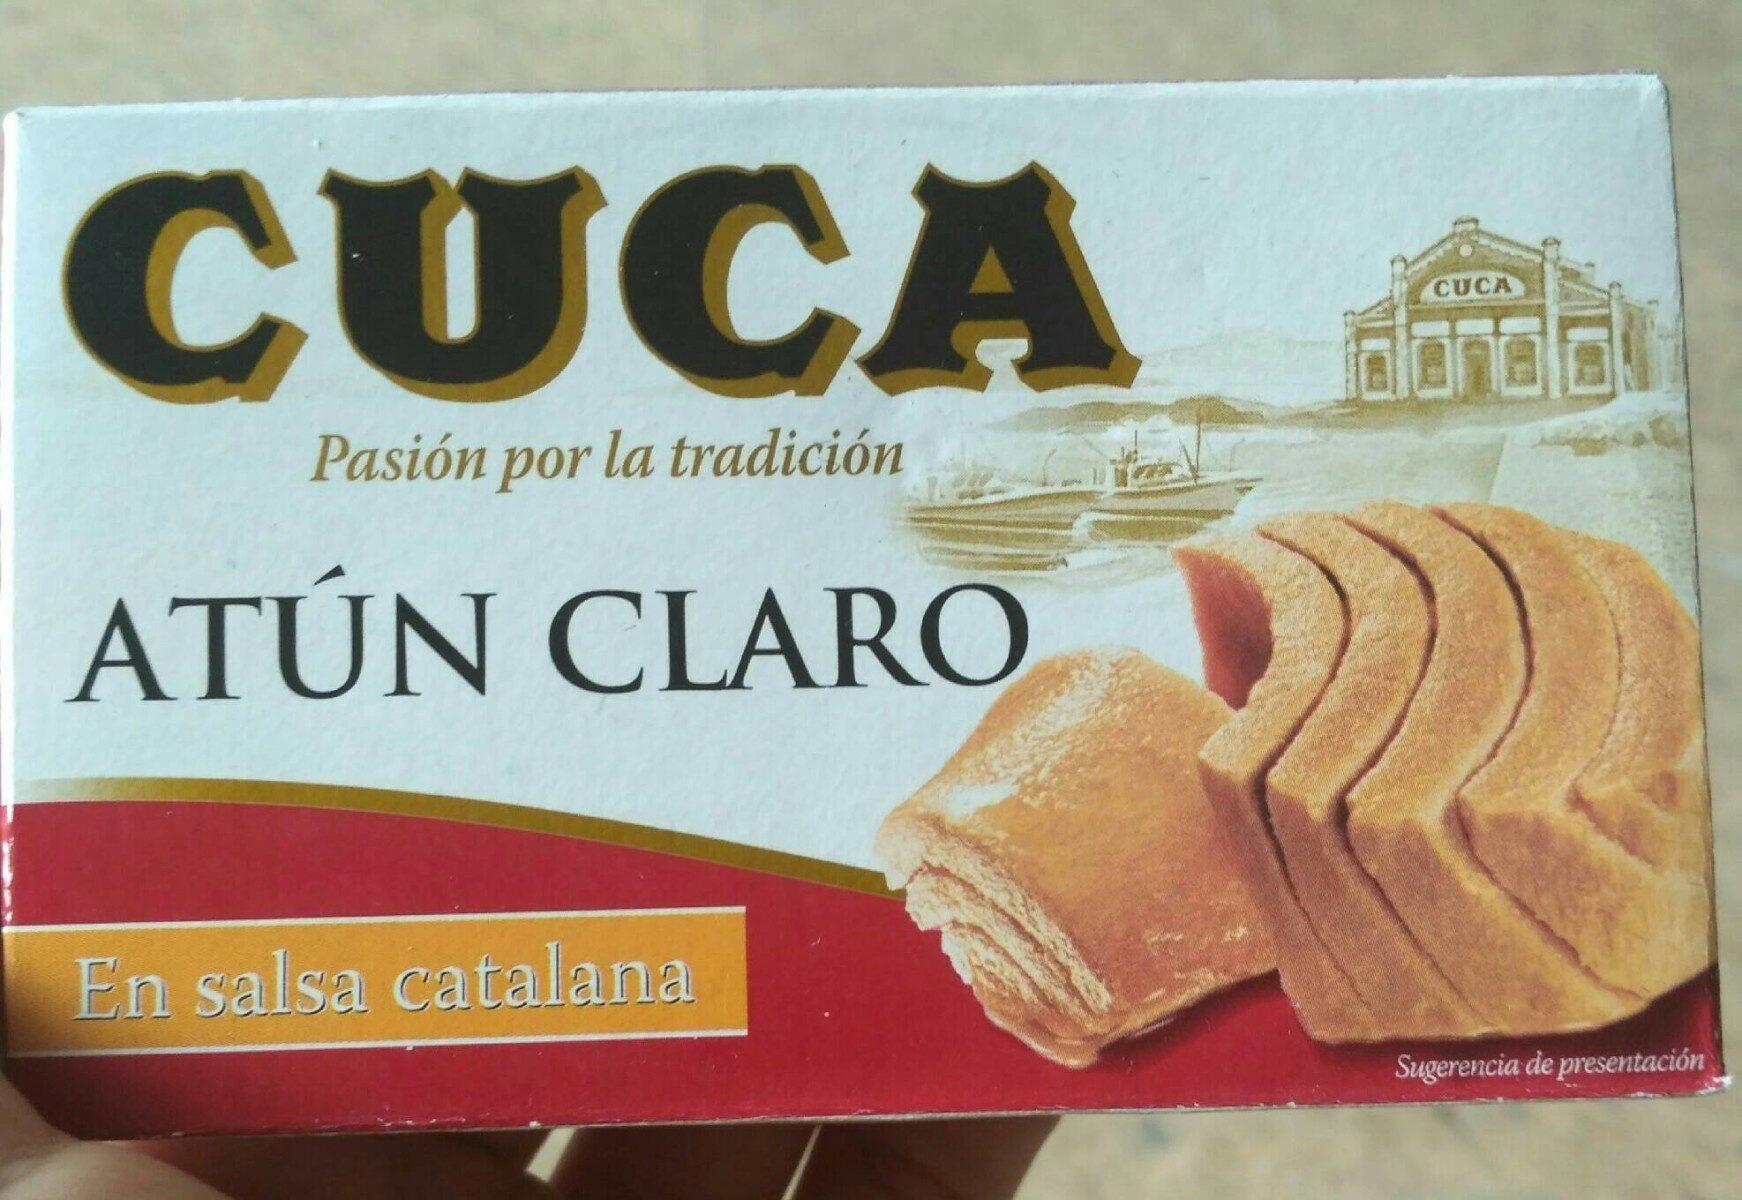 Cuca atún claro en salsa catalana - Producto